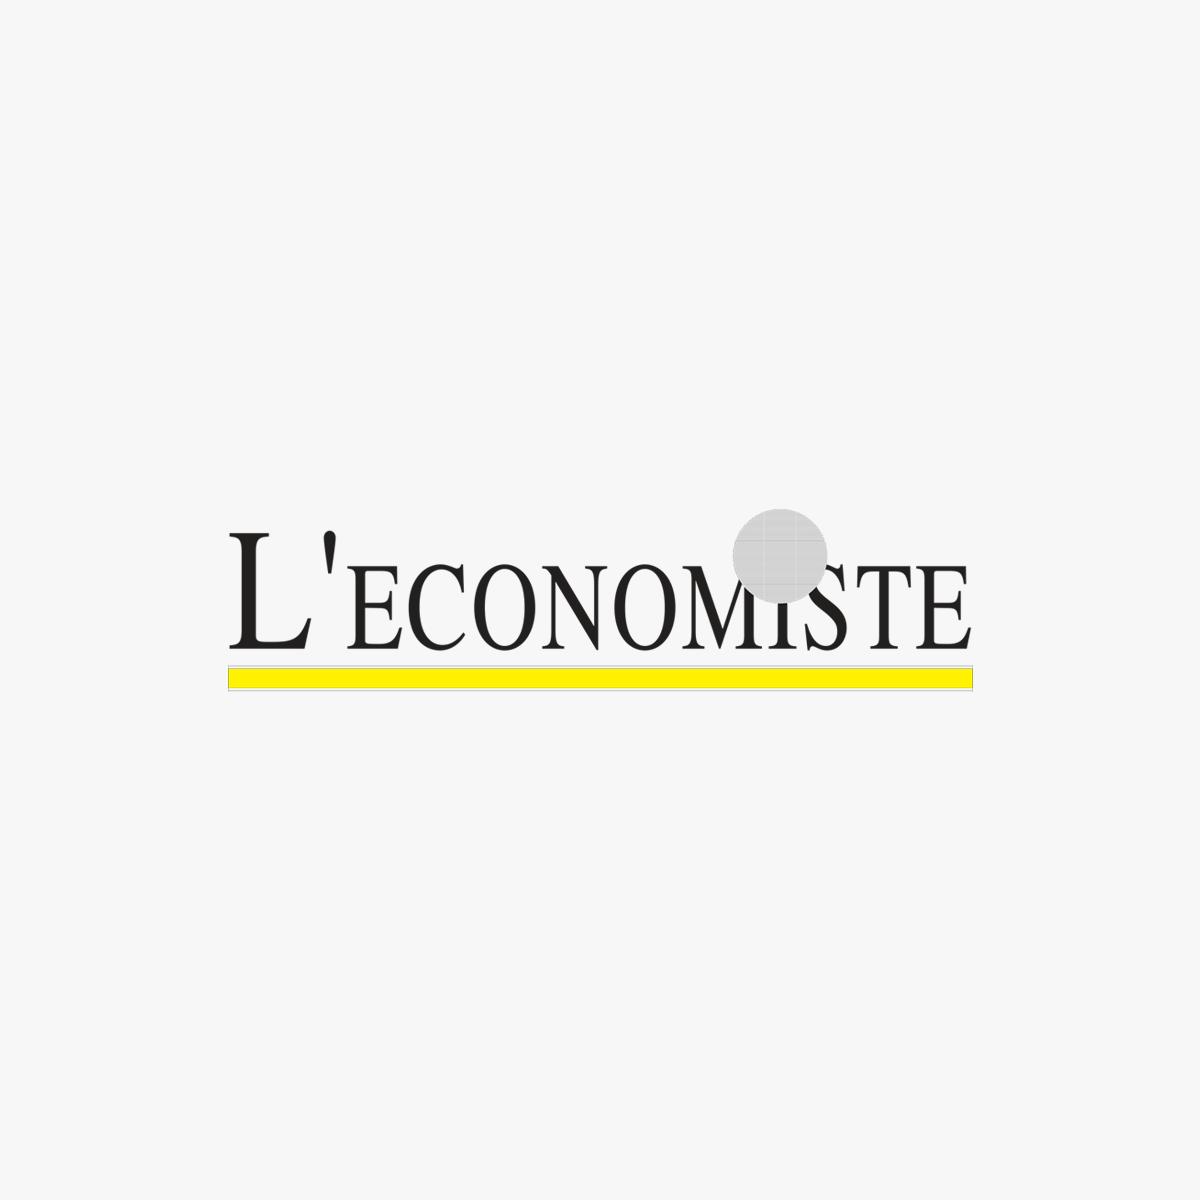 L'ECONOMISTE /  ENGLISH